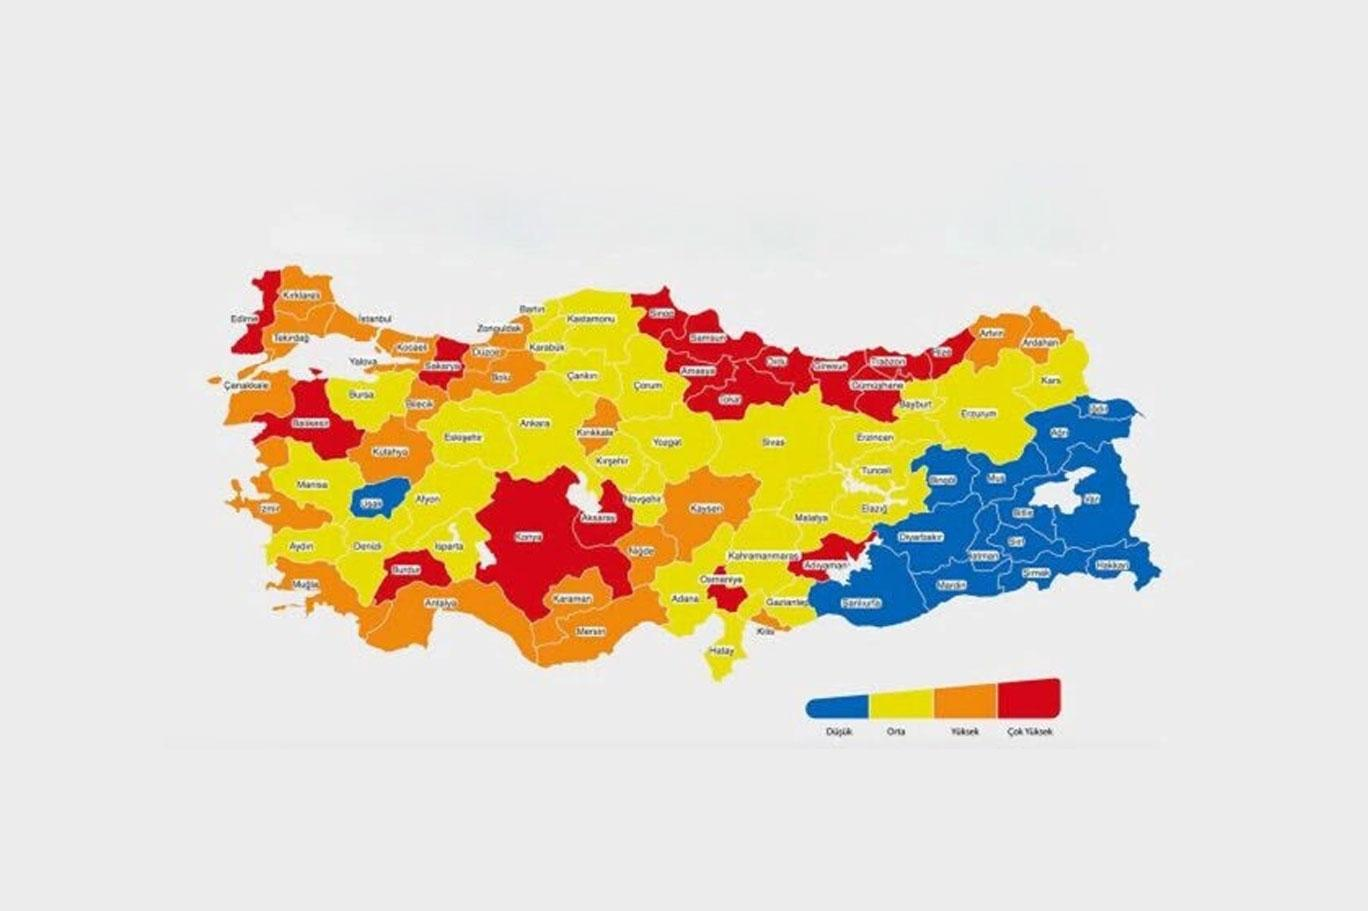 İstanbul Valisi Yerlikaya'dan flaş açıklama: İstanbul için hedefimiz mavi kategori